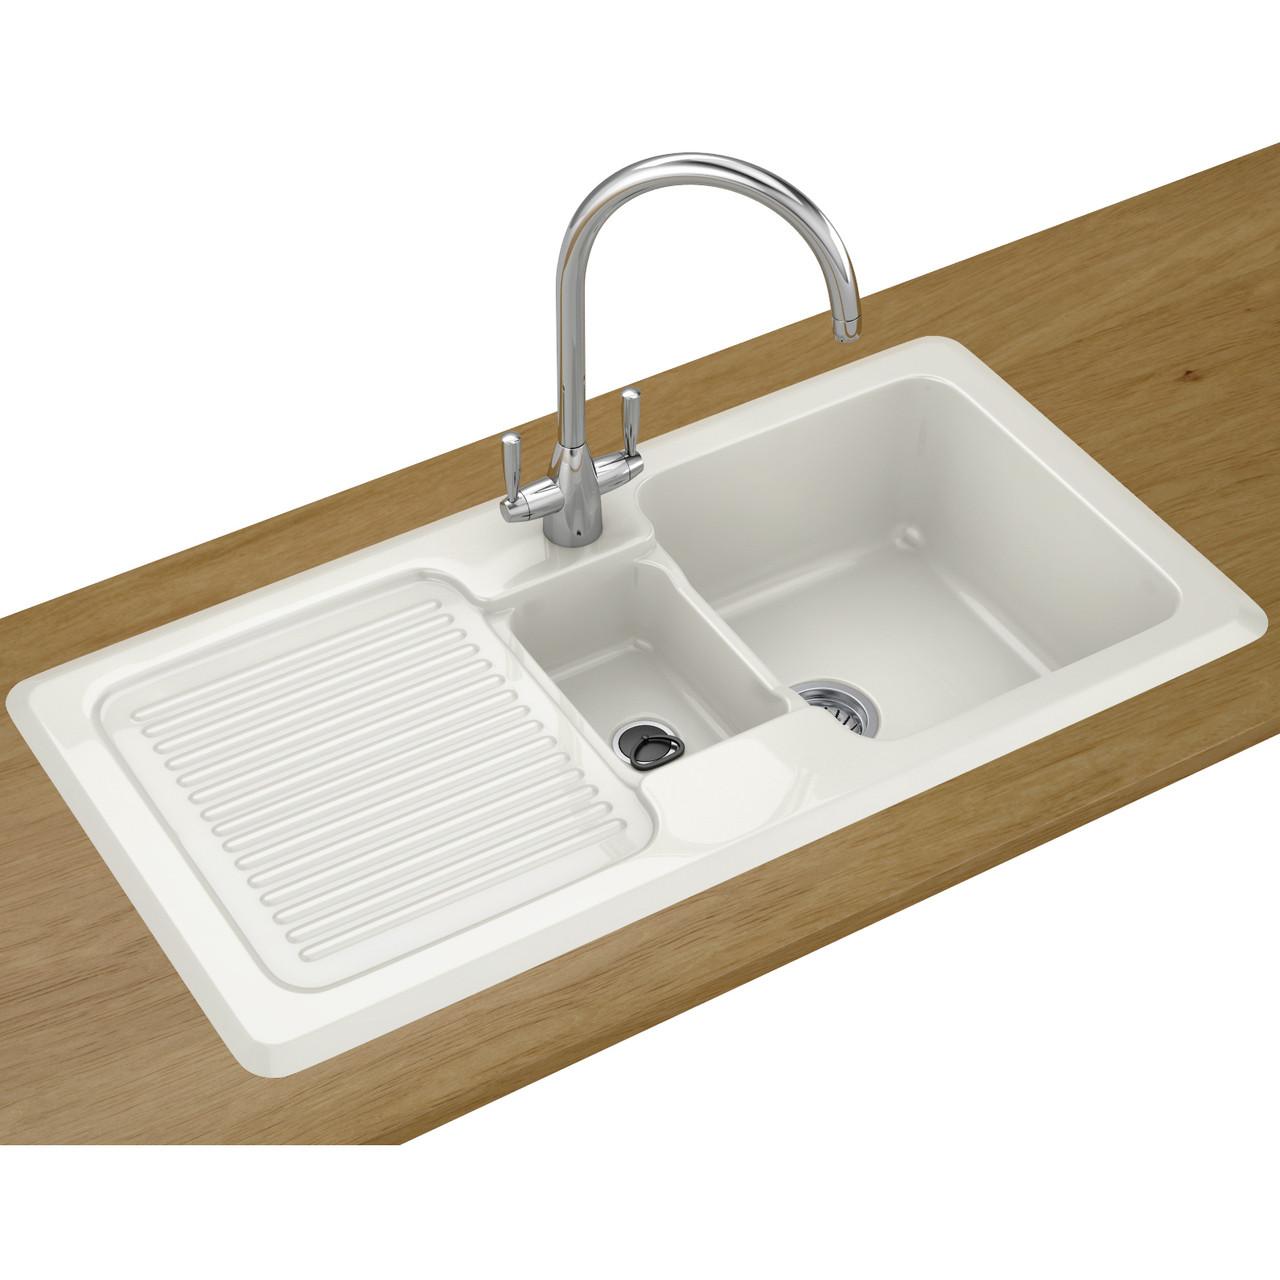 Enjoyable Franke Vbk651 Ceramic Kitchen Sink Home Interior And Landscaping Ologienasavecom